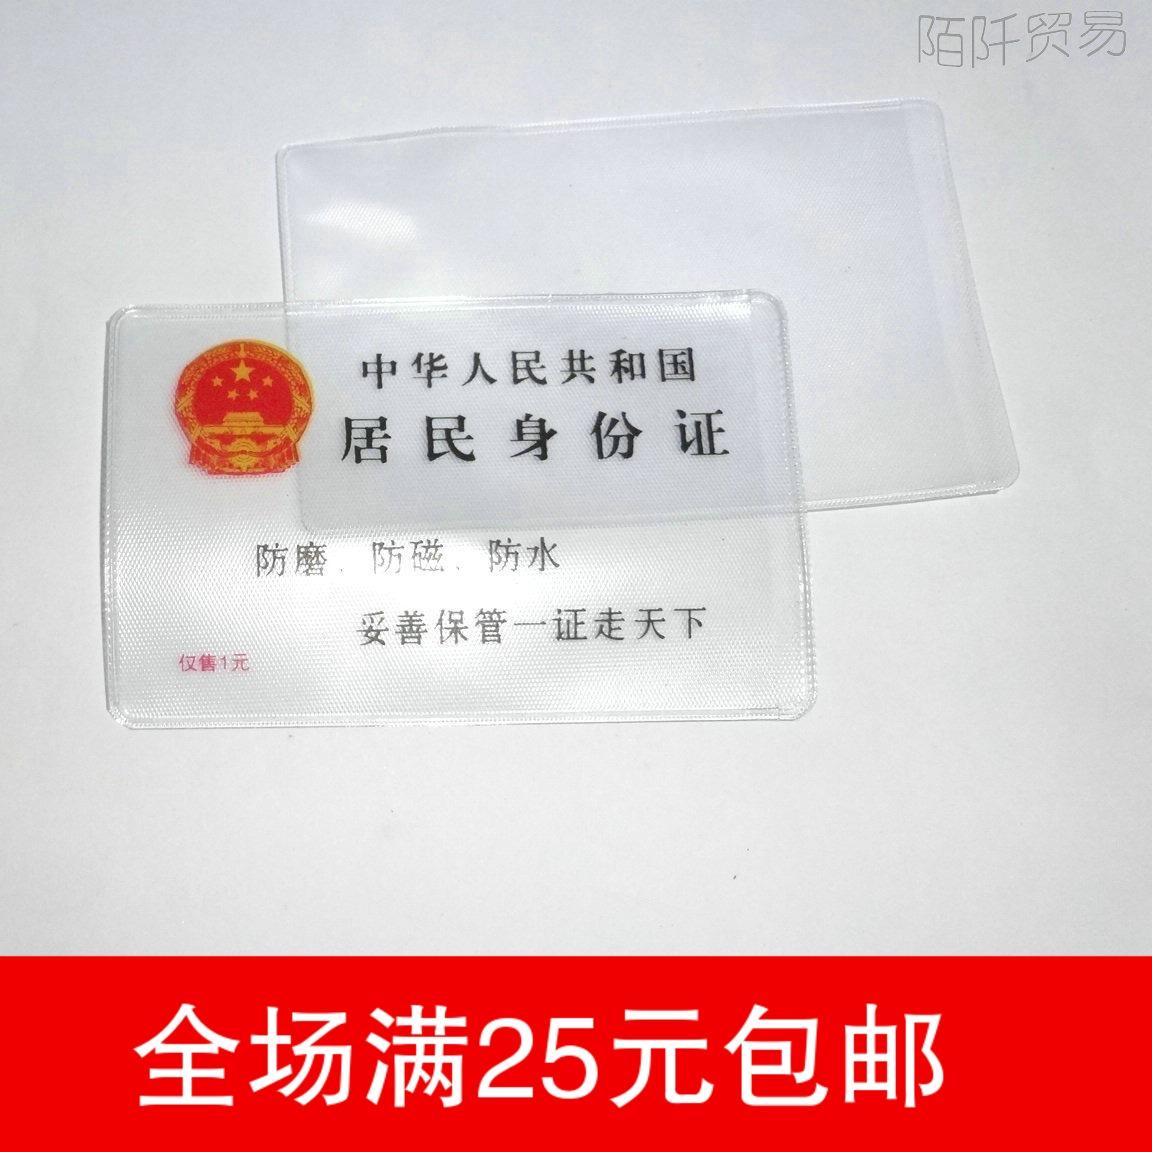 身份证/银行卡 保护套 薄型透明卡套 证件实用外壳套子 满包邮